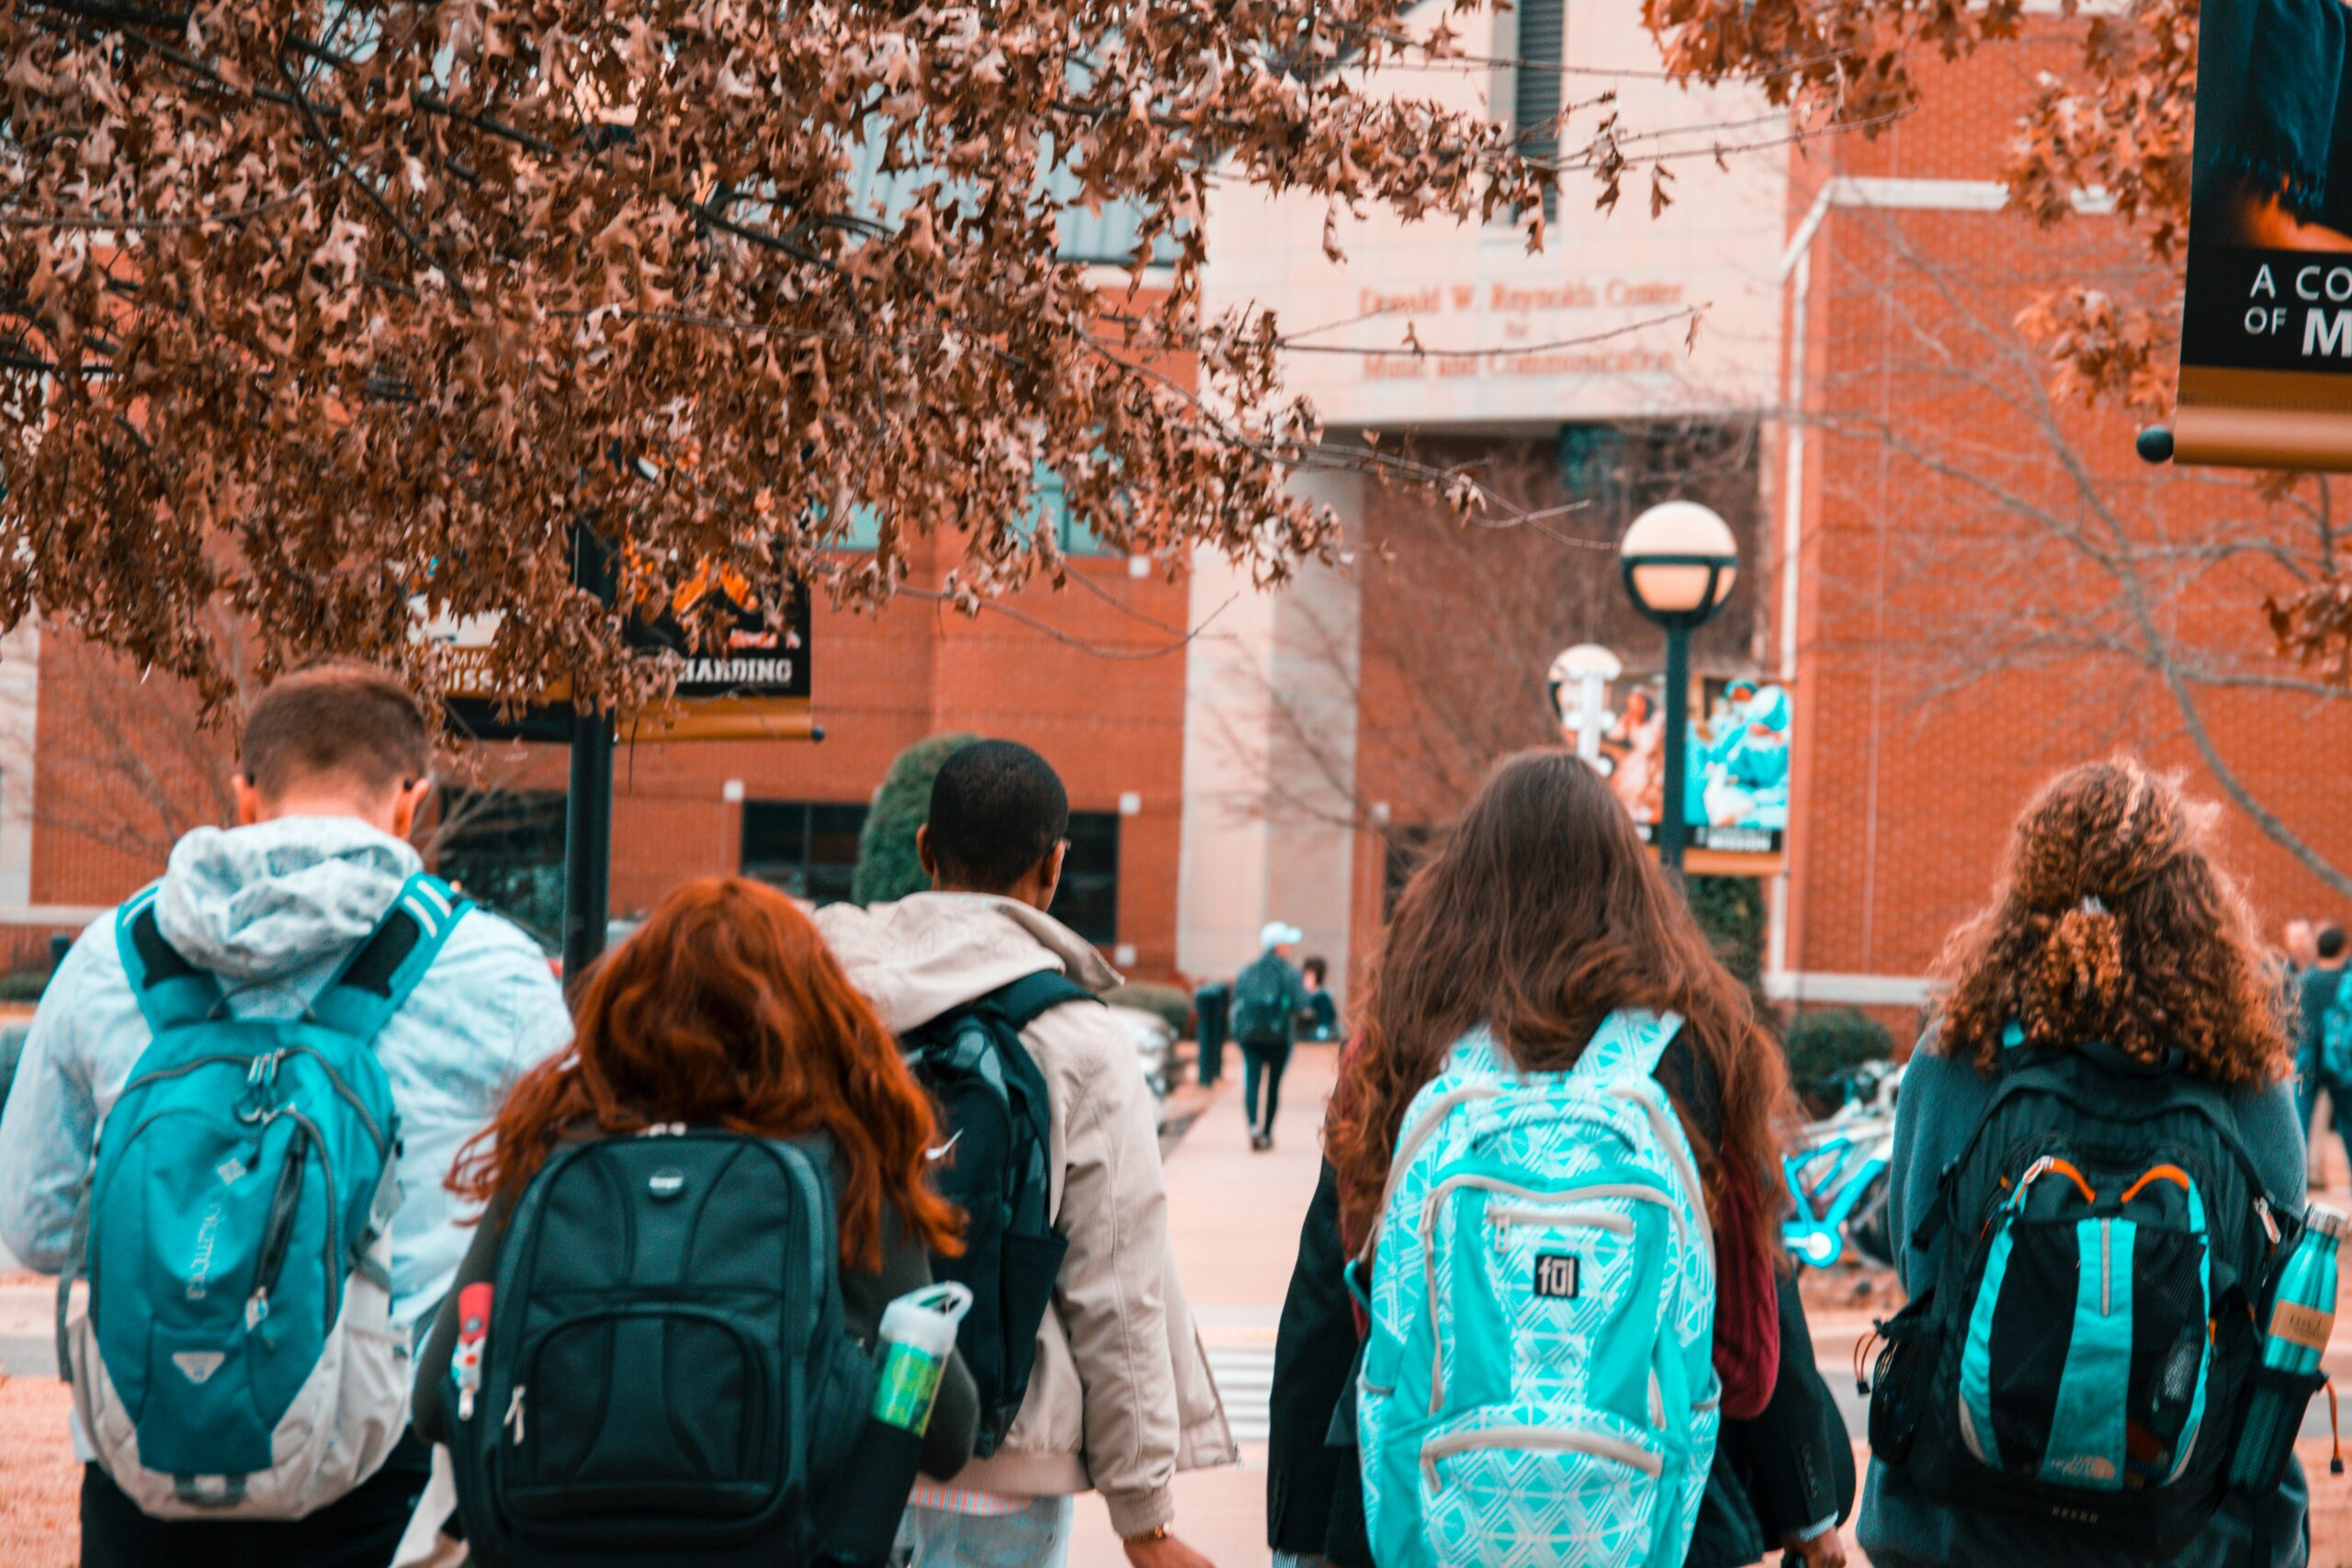 people-wearing-backpacks